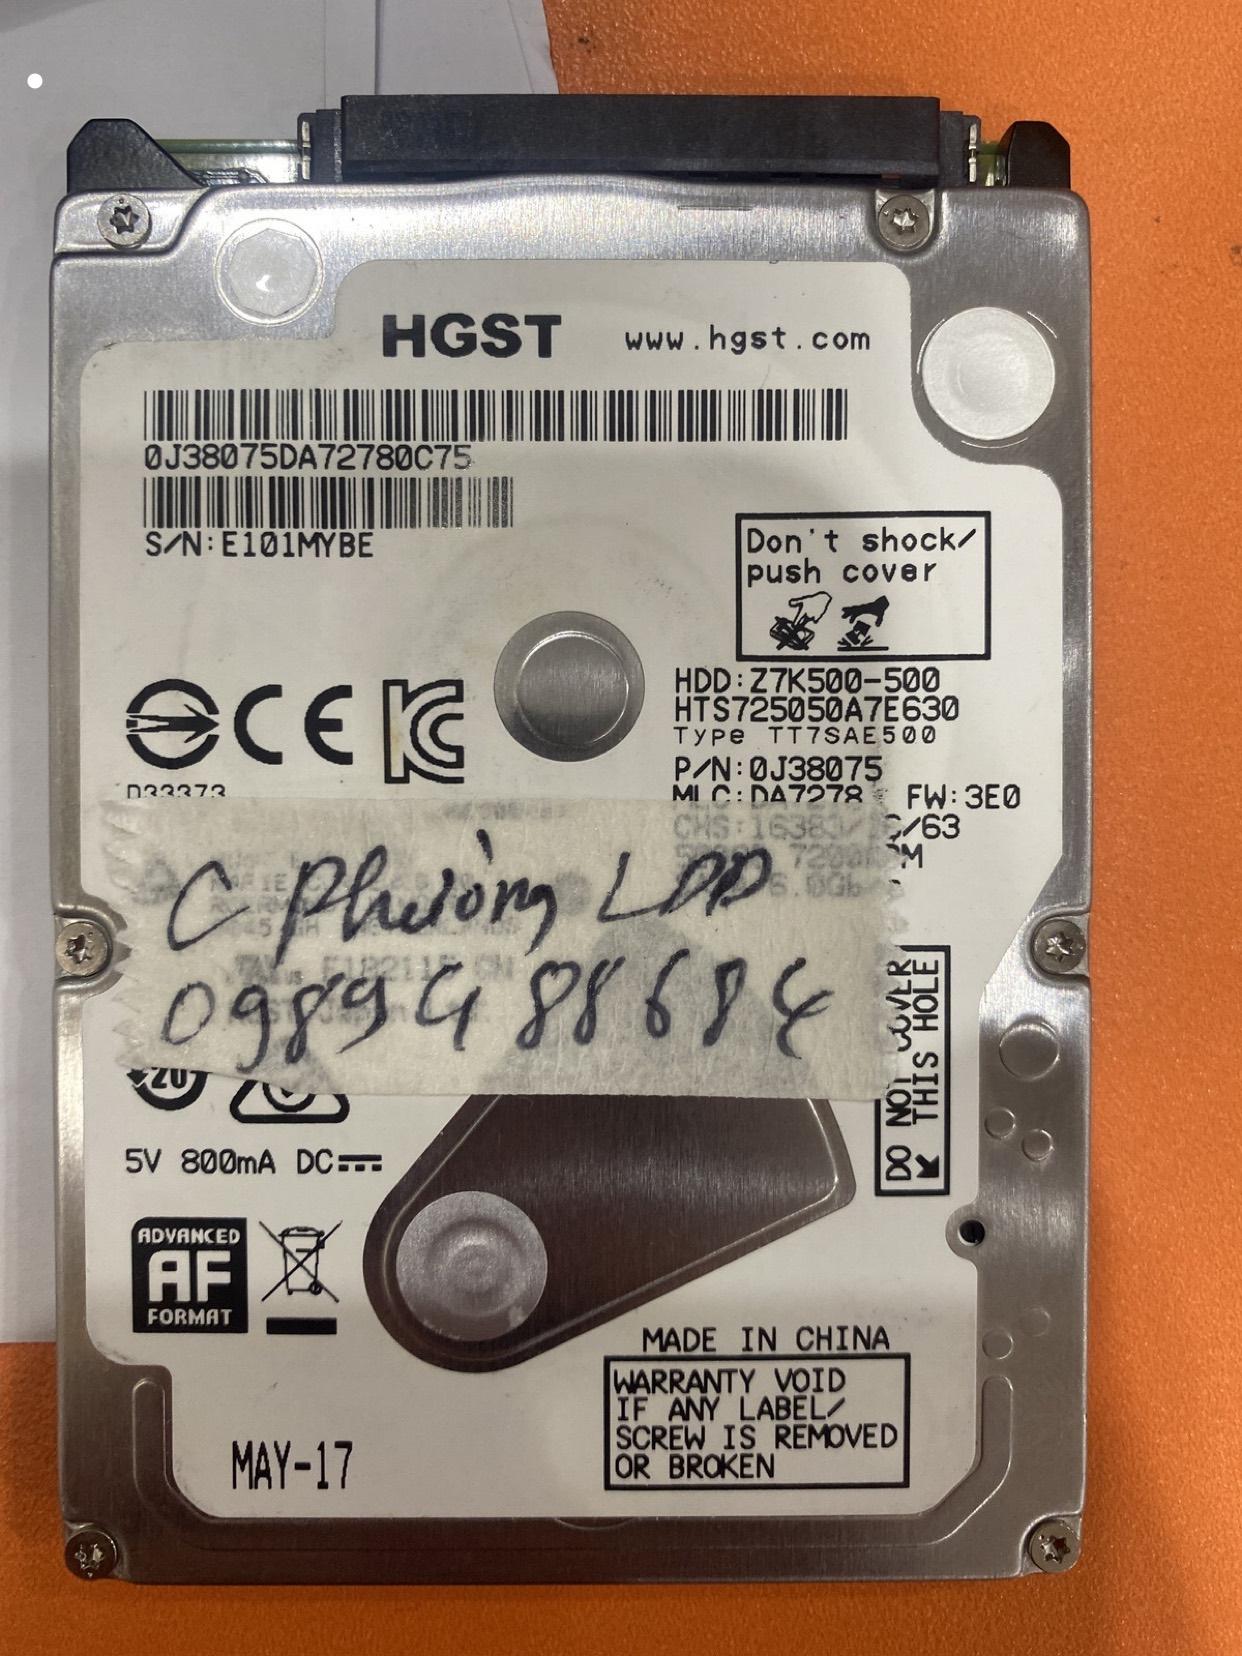 Phục hồi dữ liệu ổ cứng HGST 500GB lỗi đầu đọc 10/03/2020 - cuumaytinh